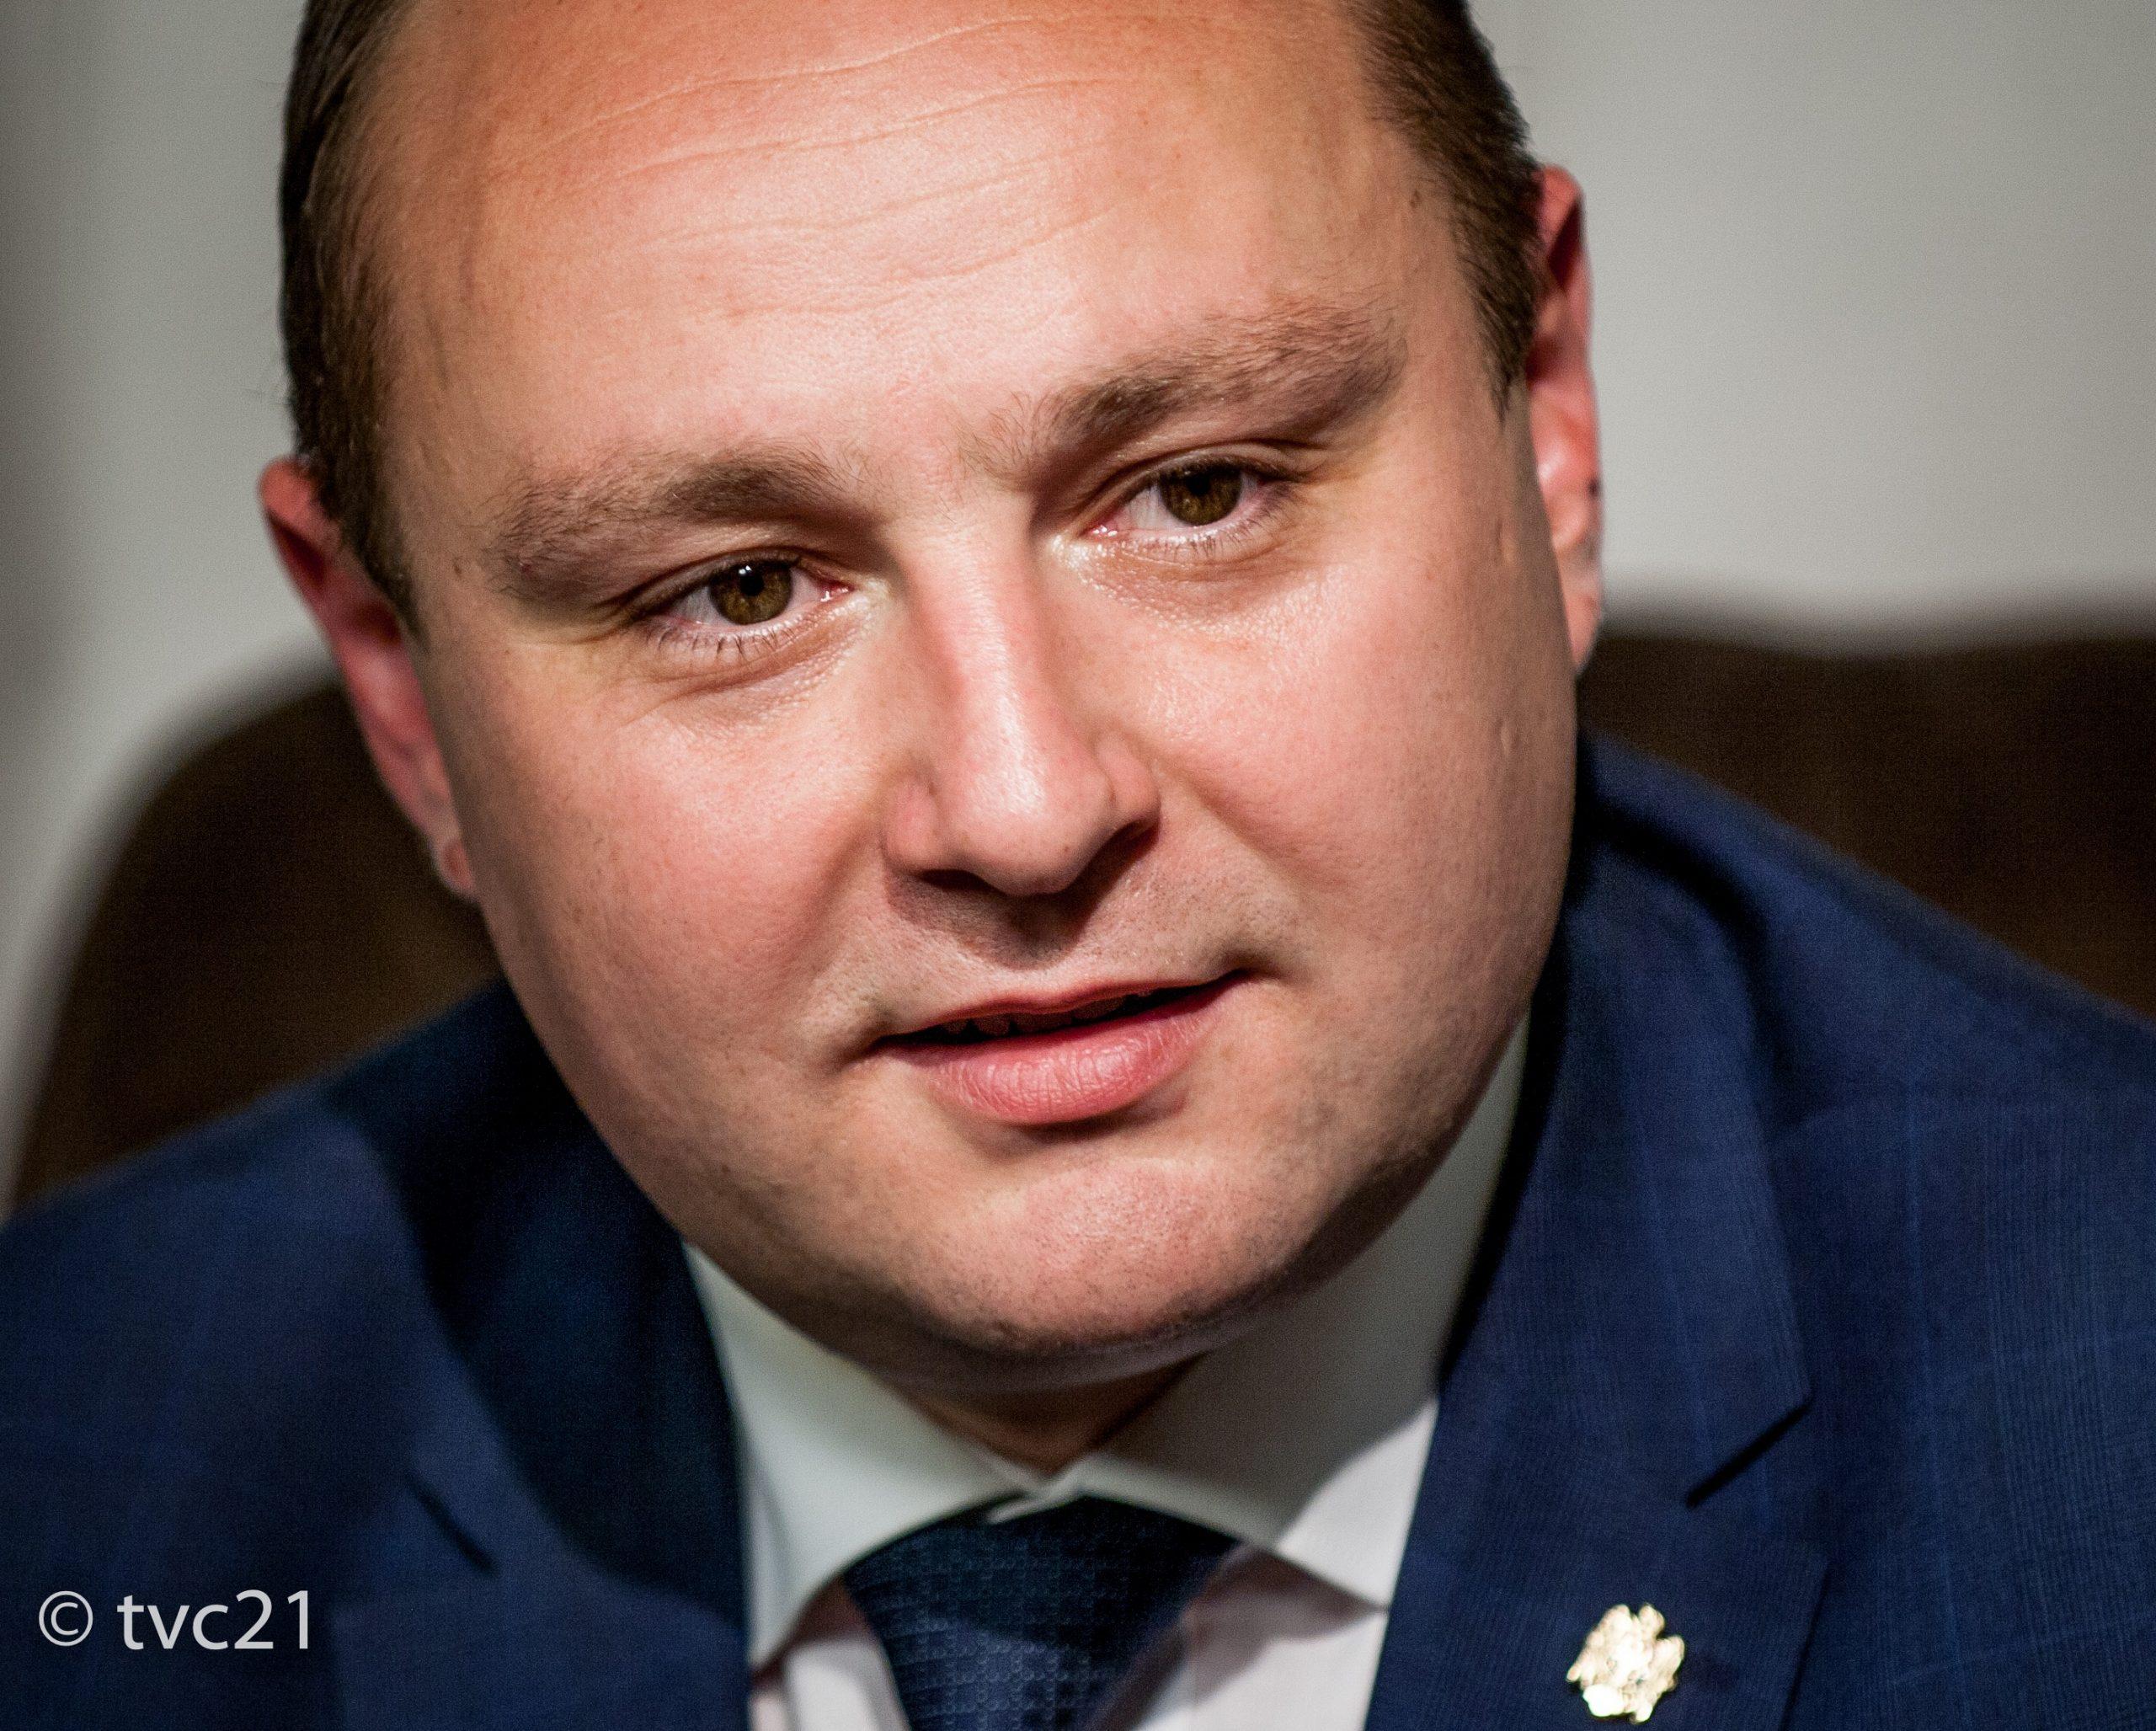 Батрынча обвинил Слусаря в популизме: Народу не нужен дешёвый цирк